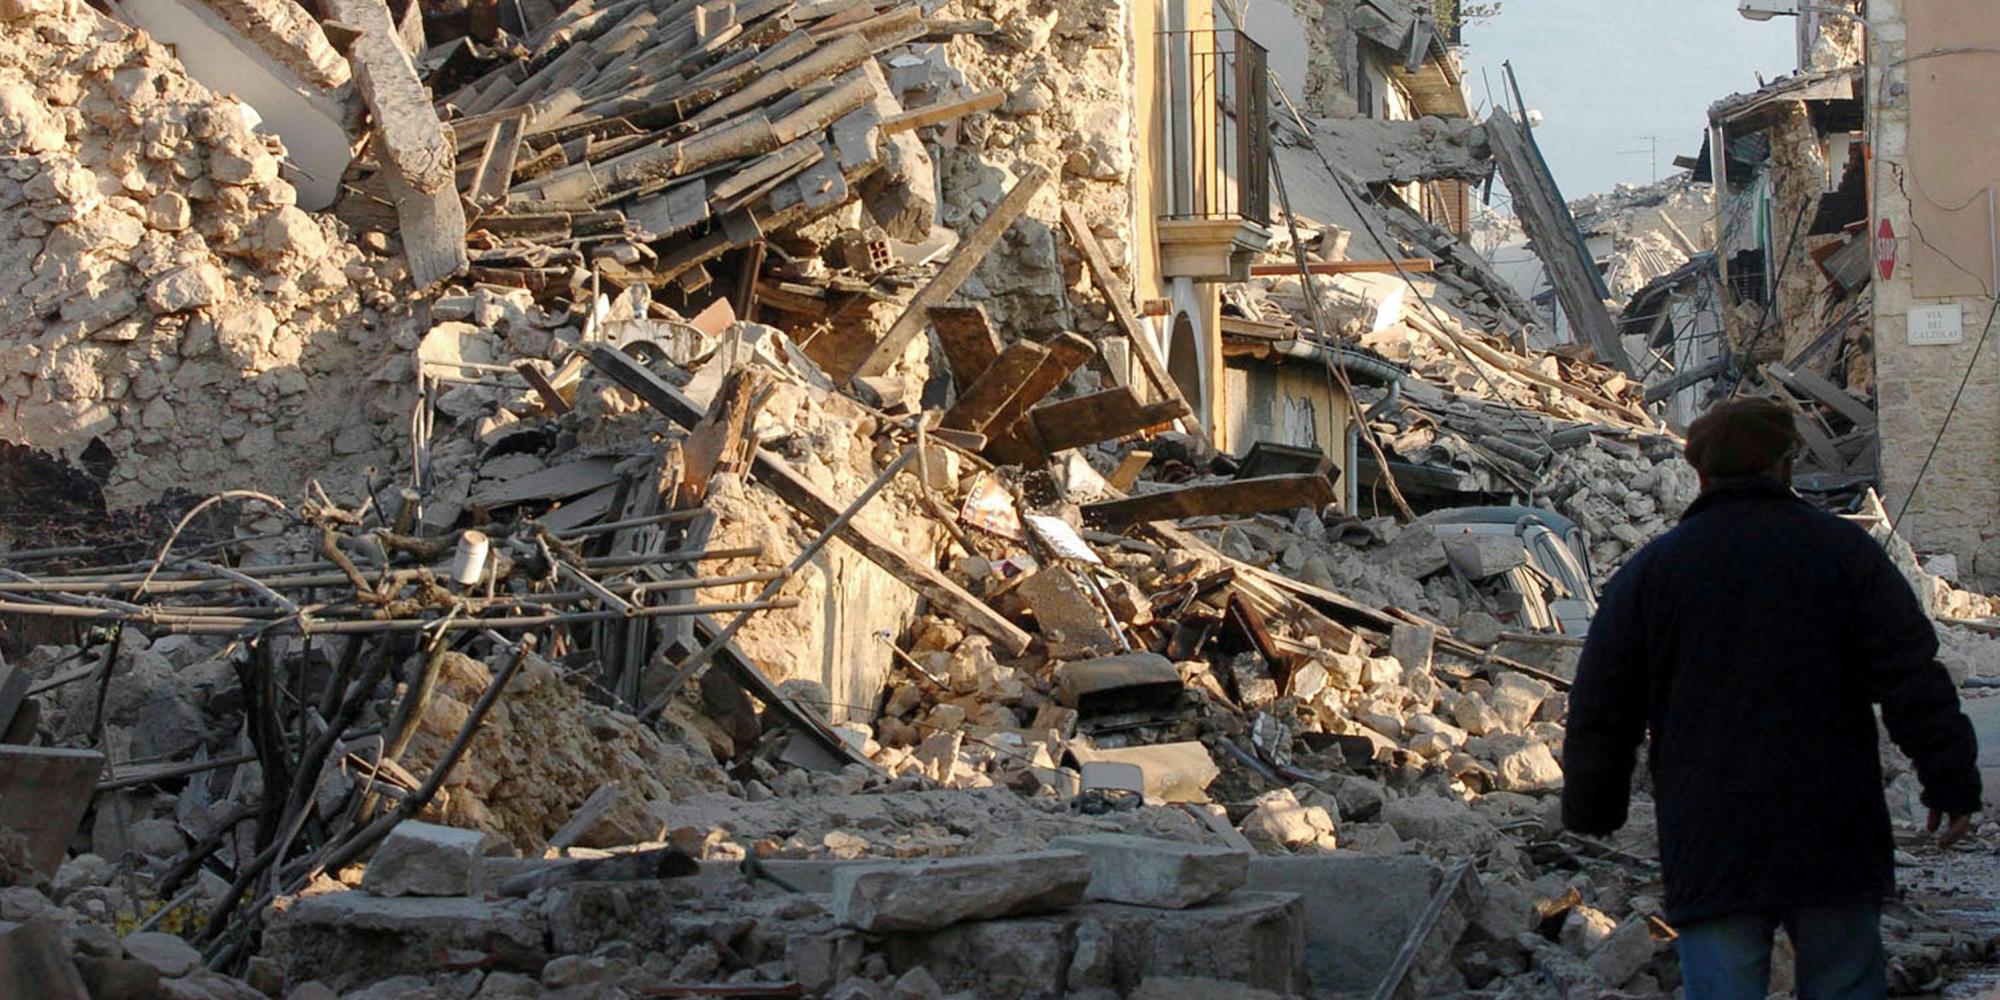 Terremoto l 39 aquila 4 arresti e perquisizioni per presunte tangenti sulla ricostruzione - Casa senza fondamenta terremoto ...